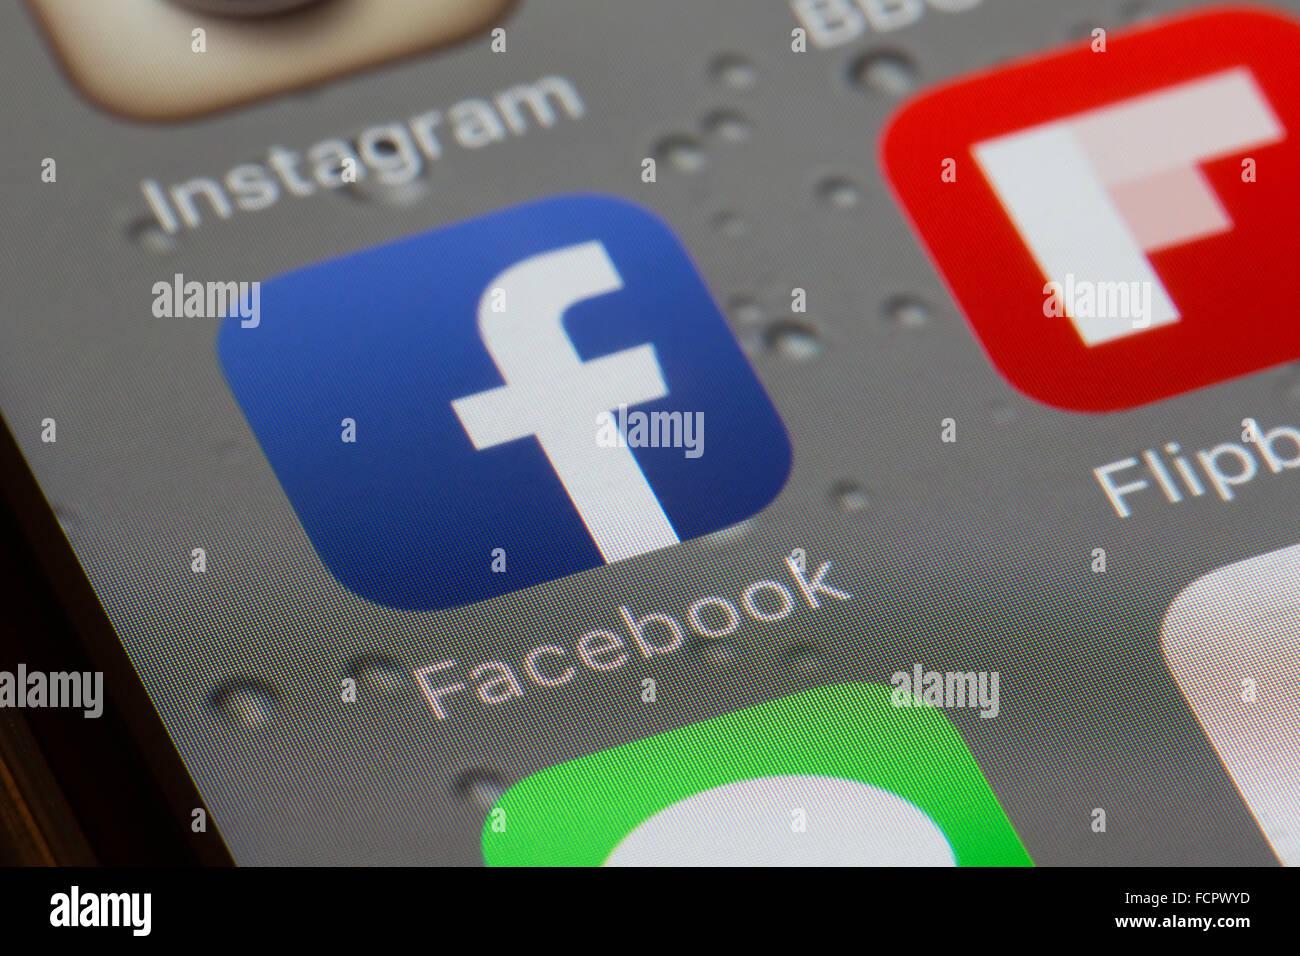 Icône de l'application Facebook sur l'écran d'un iphone 6 Photo Stock